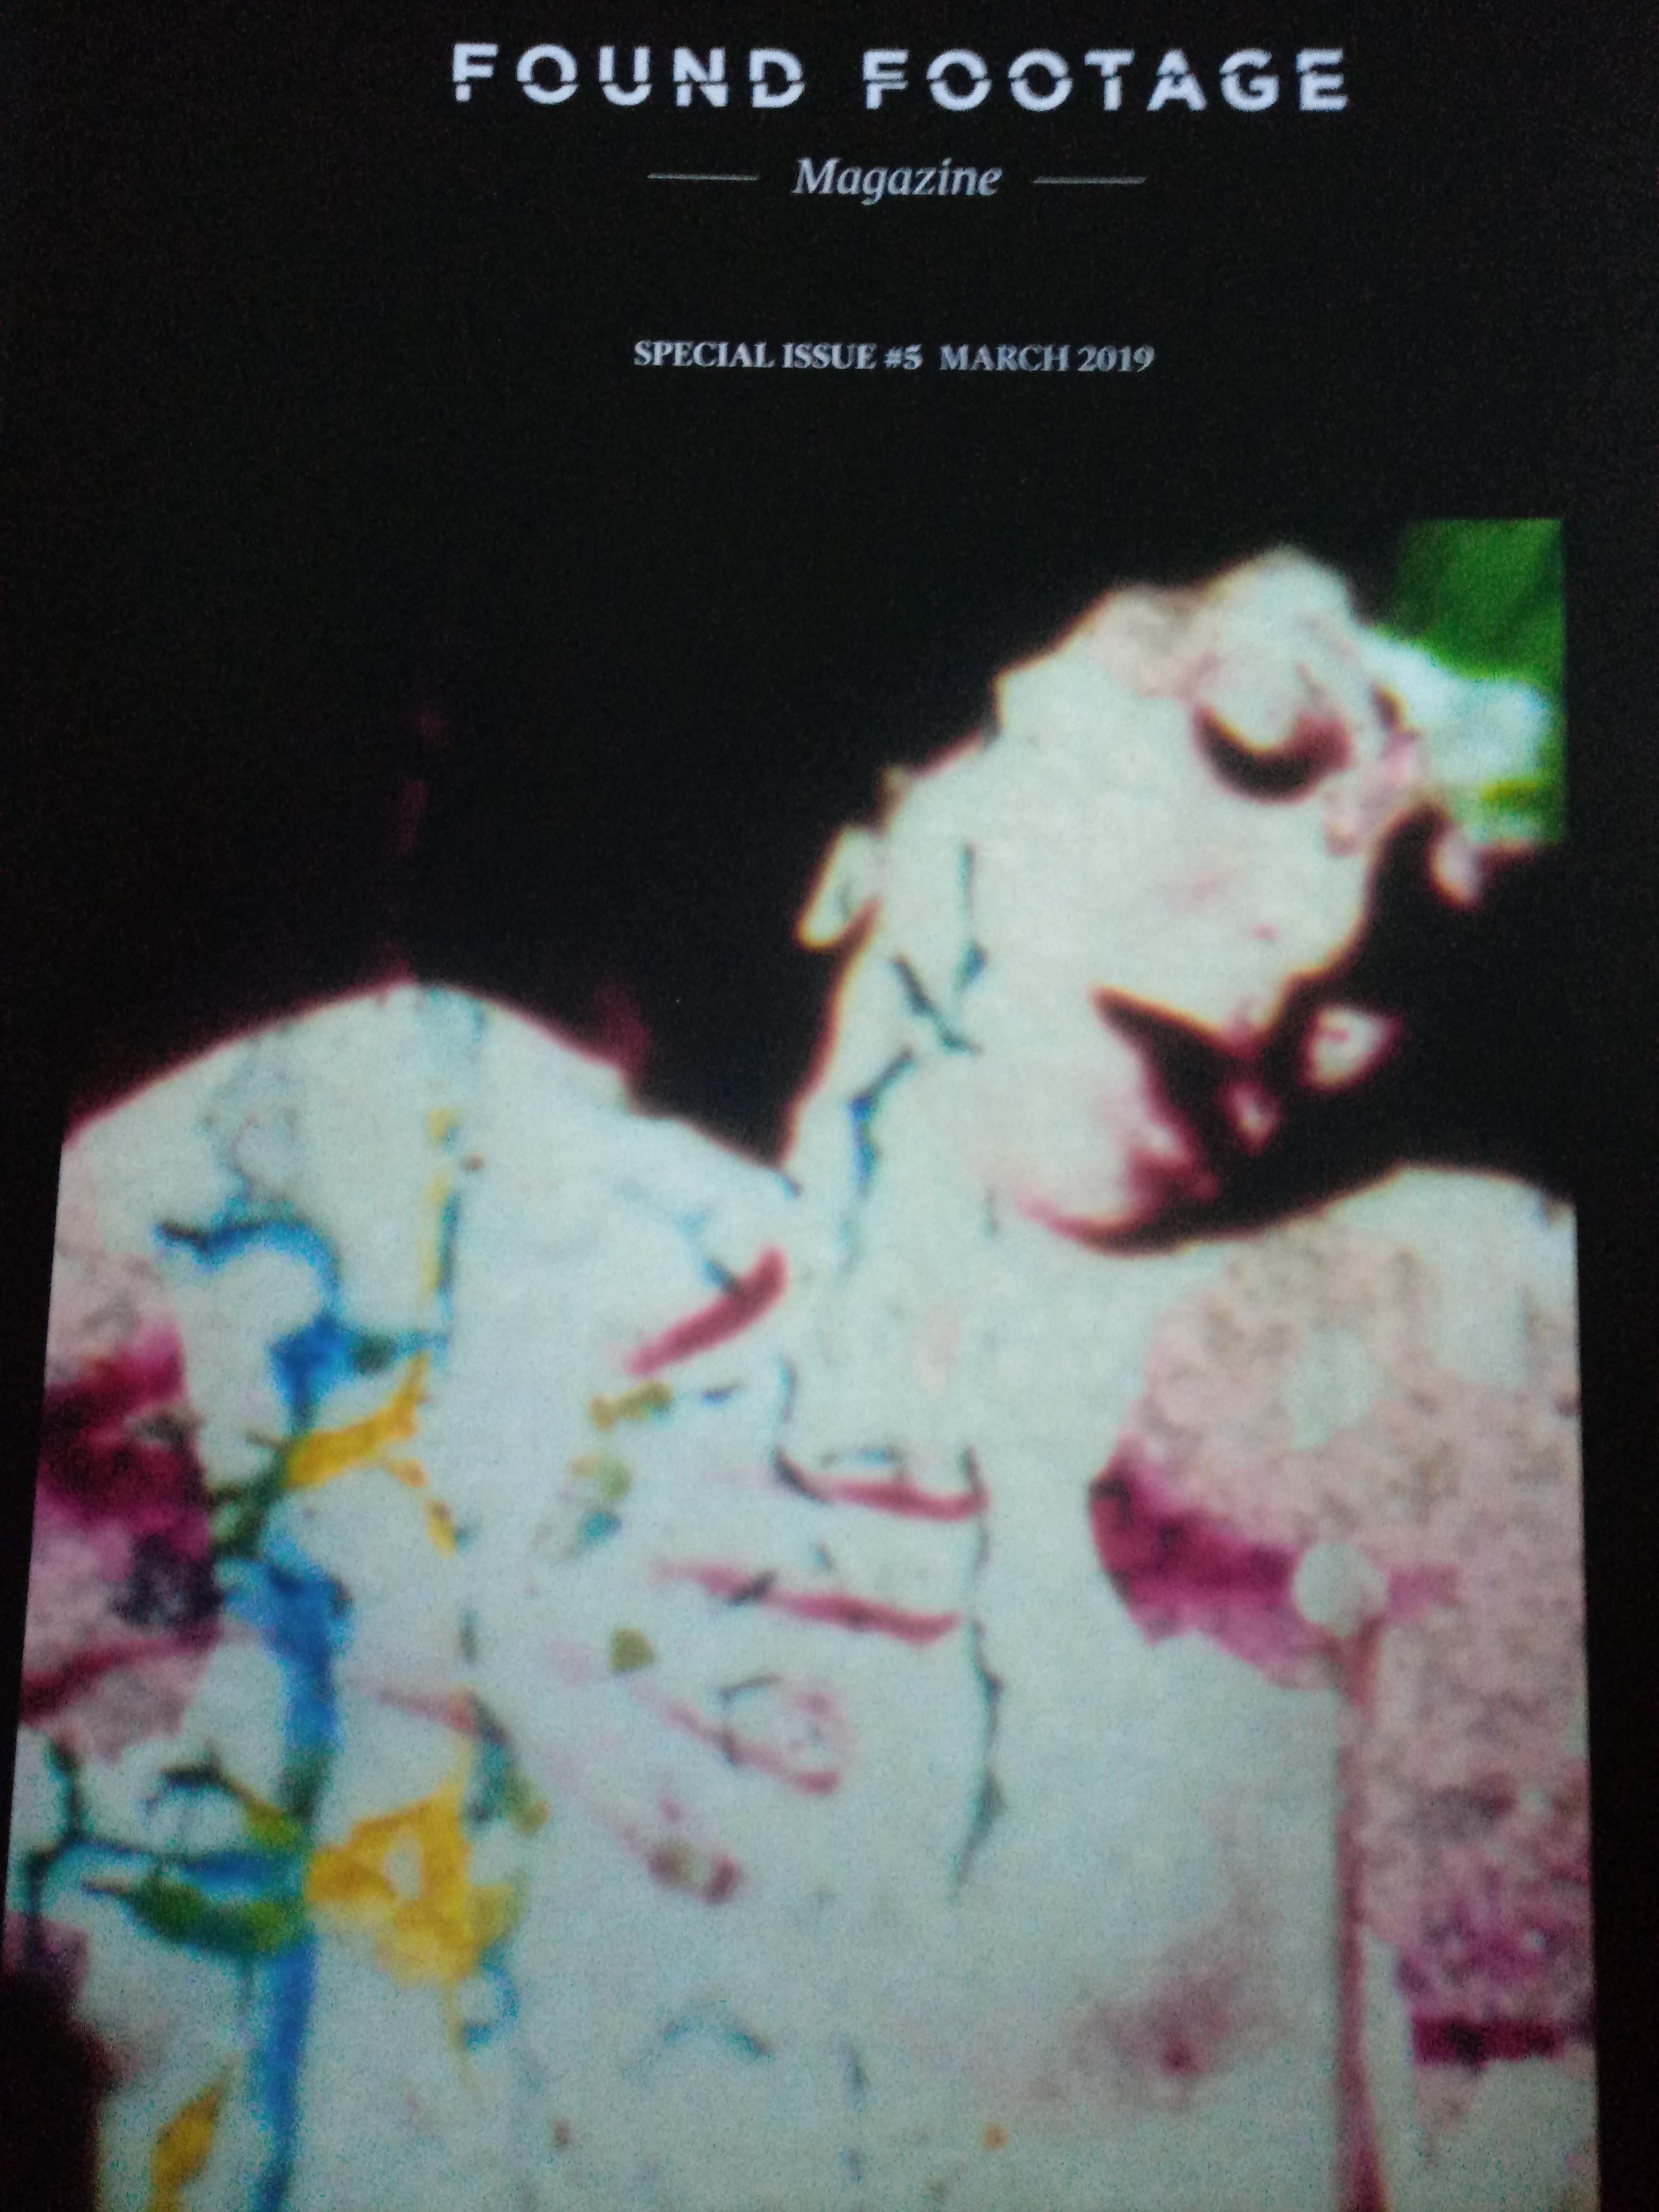 found footage magazine5